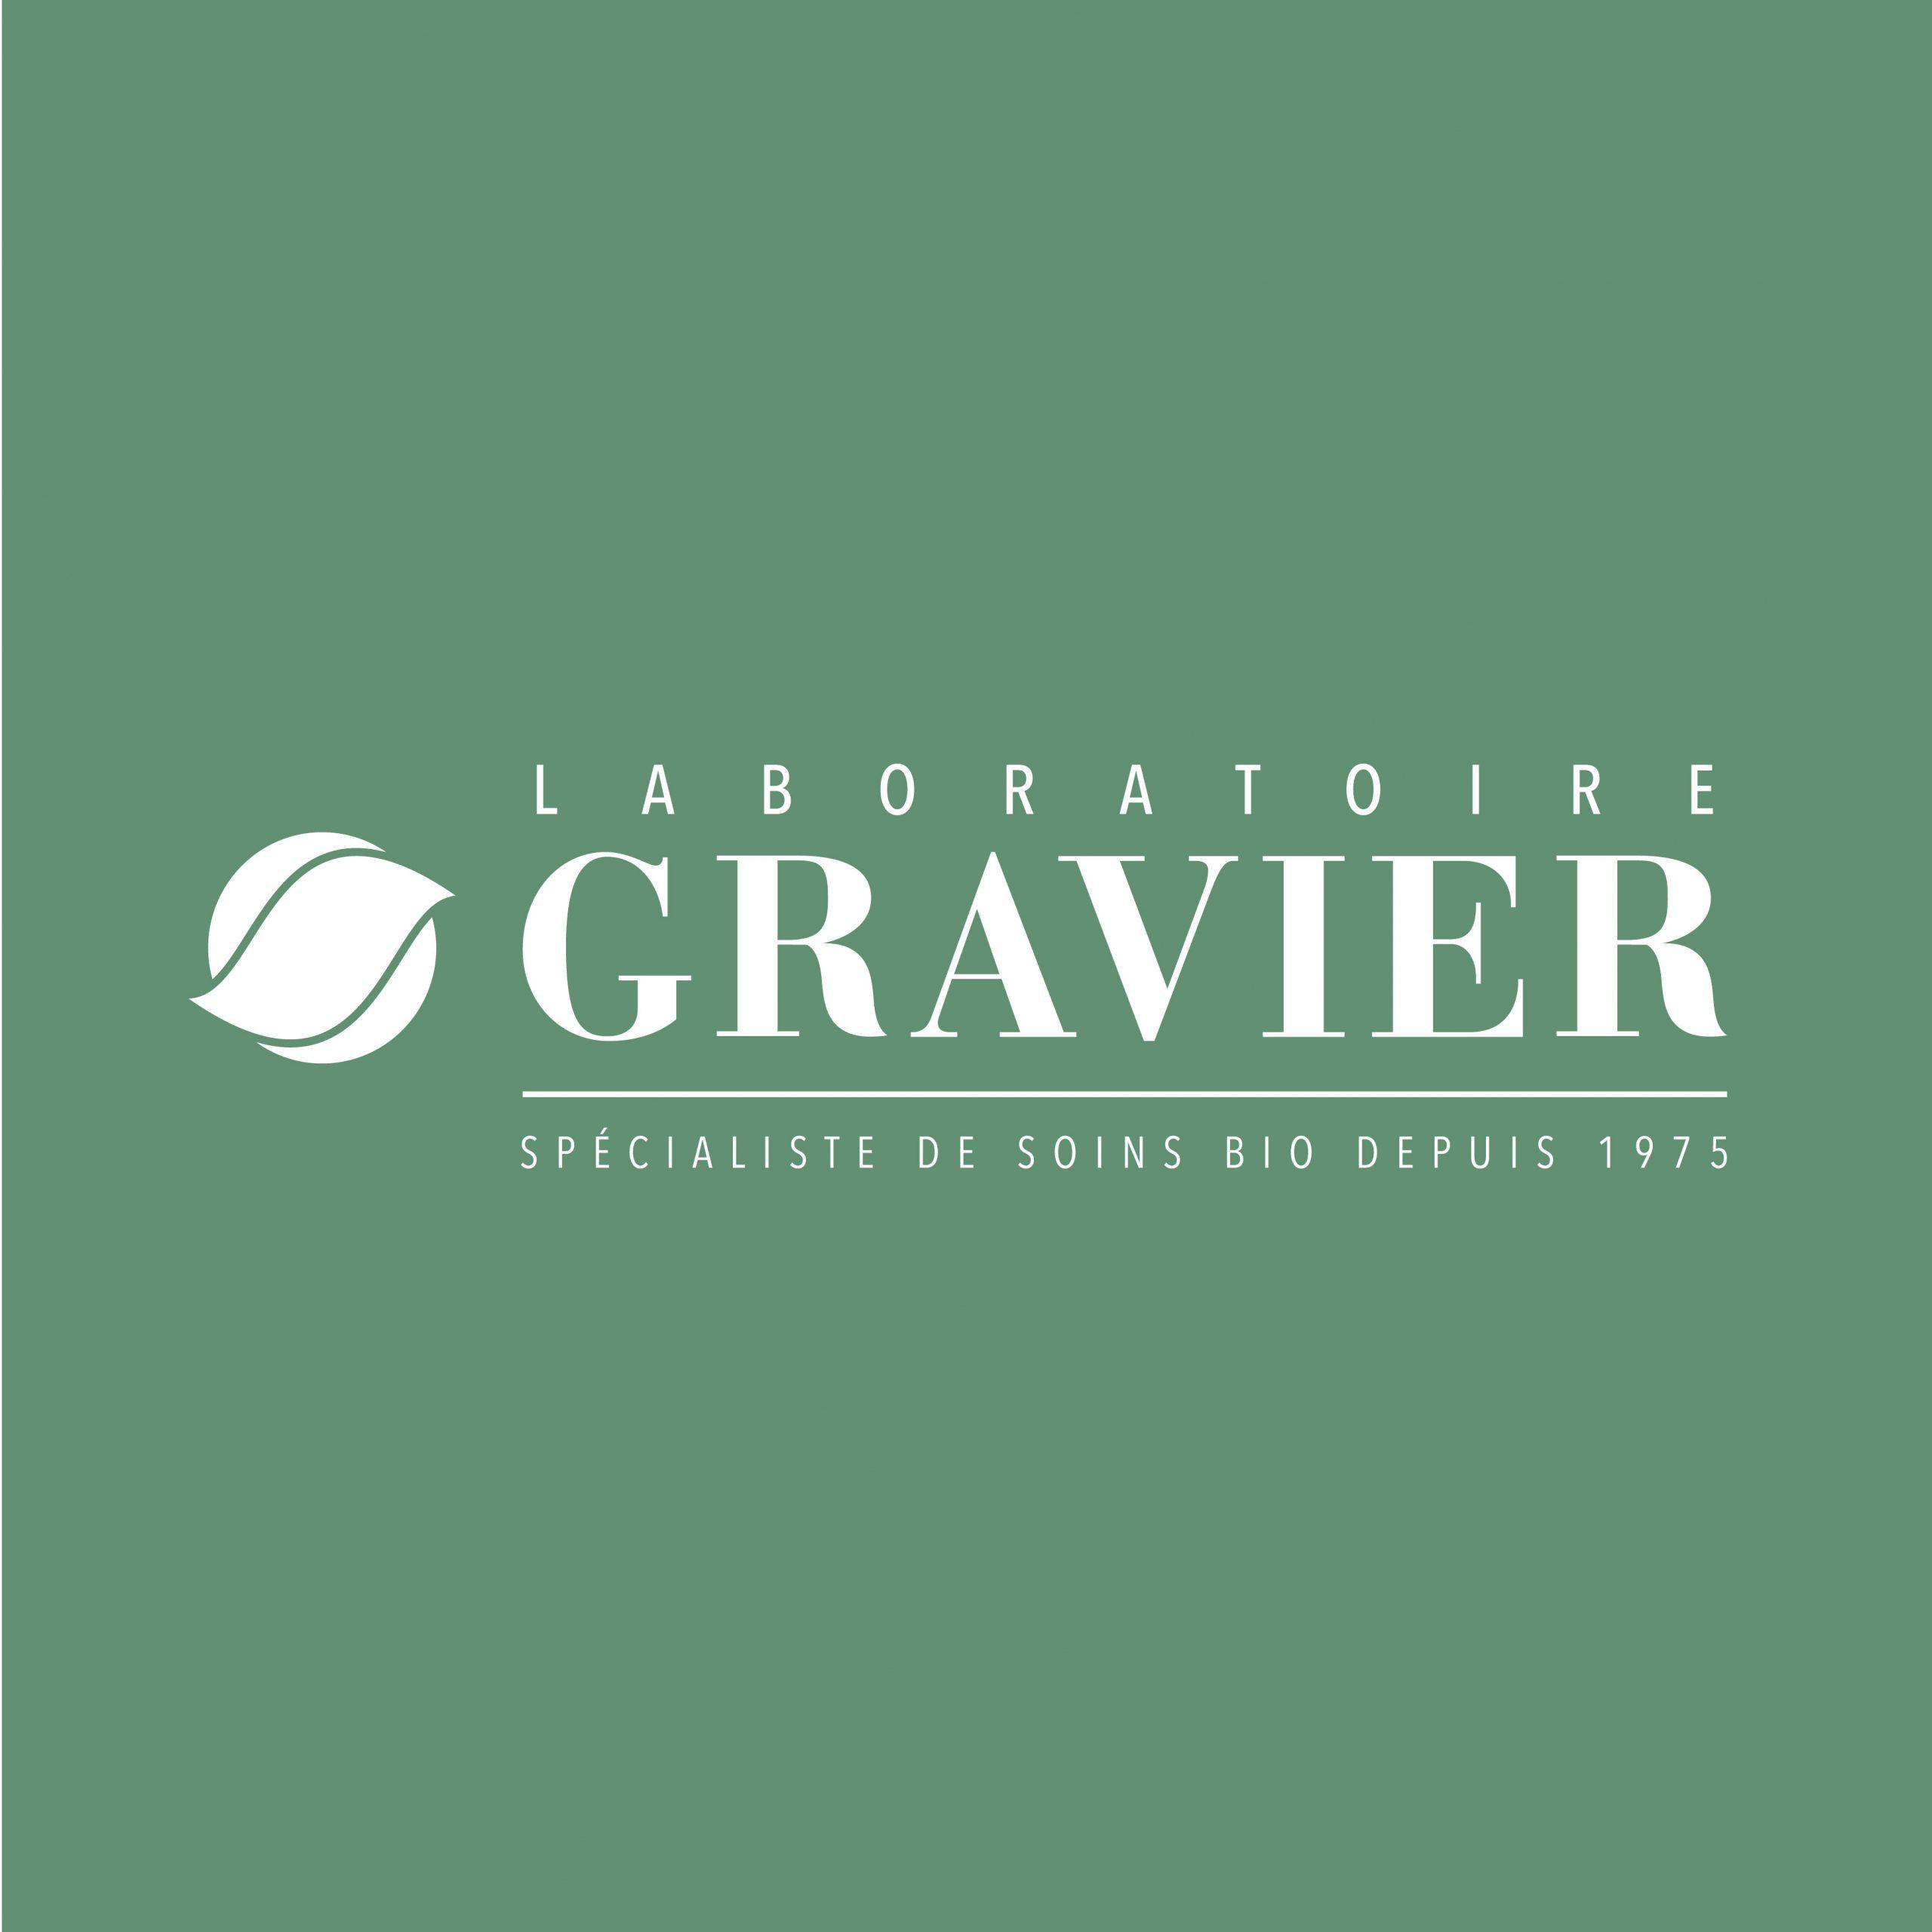 Création logo laboratoire GRAVIER 1703 factory